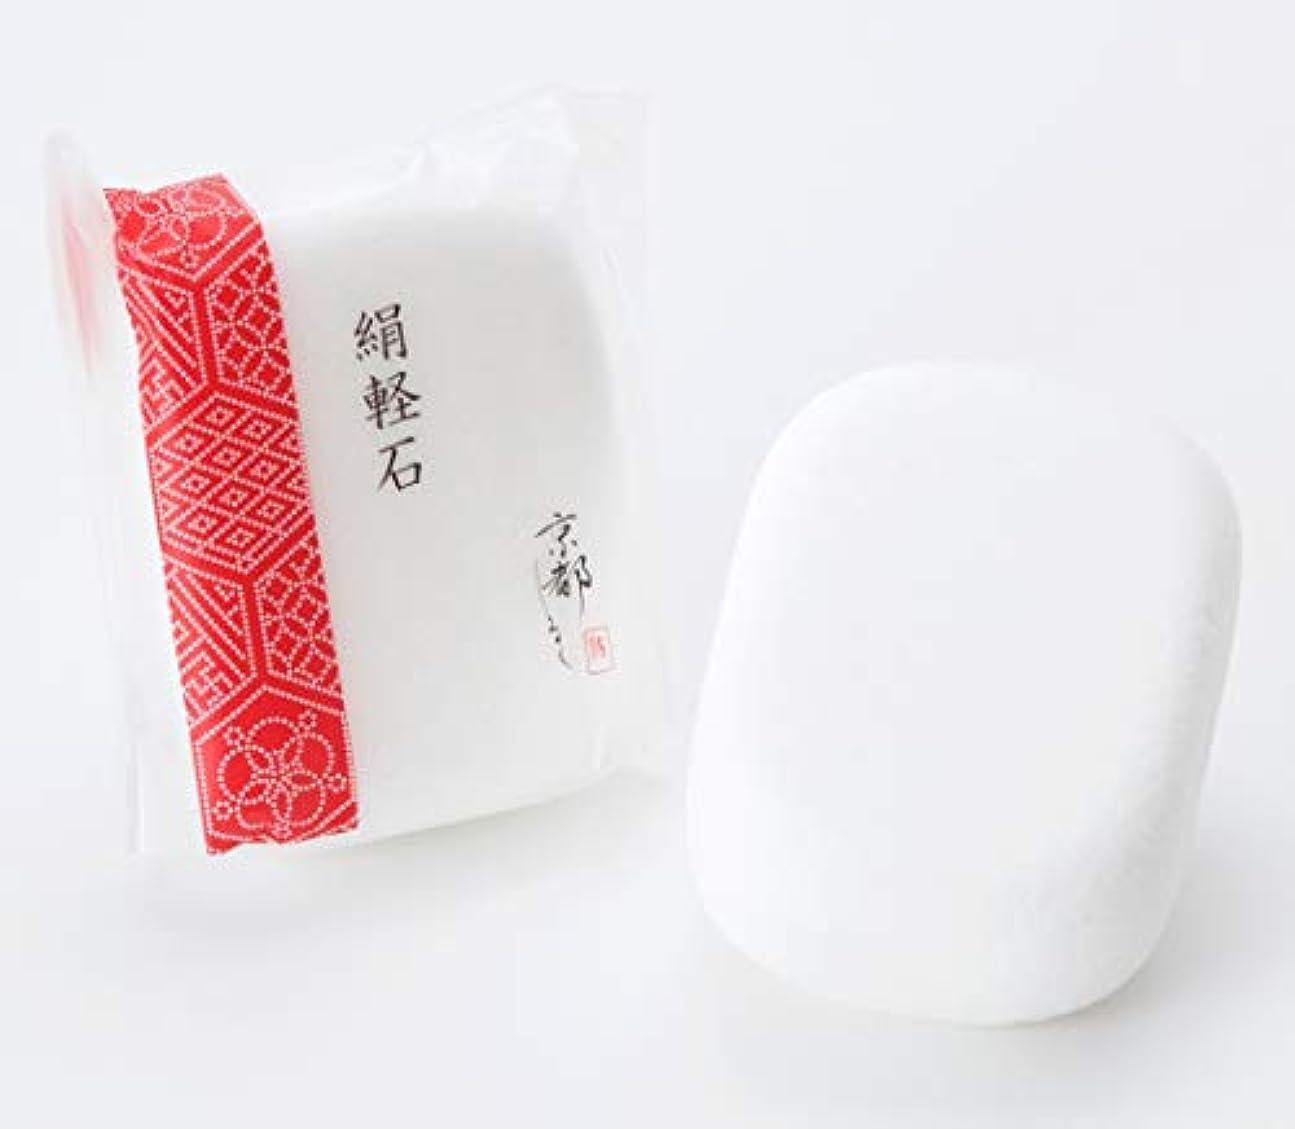 ソケットヘロインかかわらず京都しるく シルクの軽石【保湿成分シルクパウダー配合】/かかとの角質を落としてツルツル素足に 絹軽石 かかとキレイ かかとつるつる